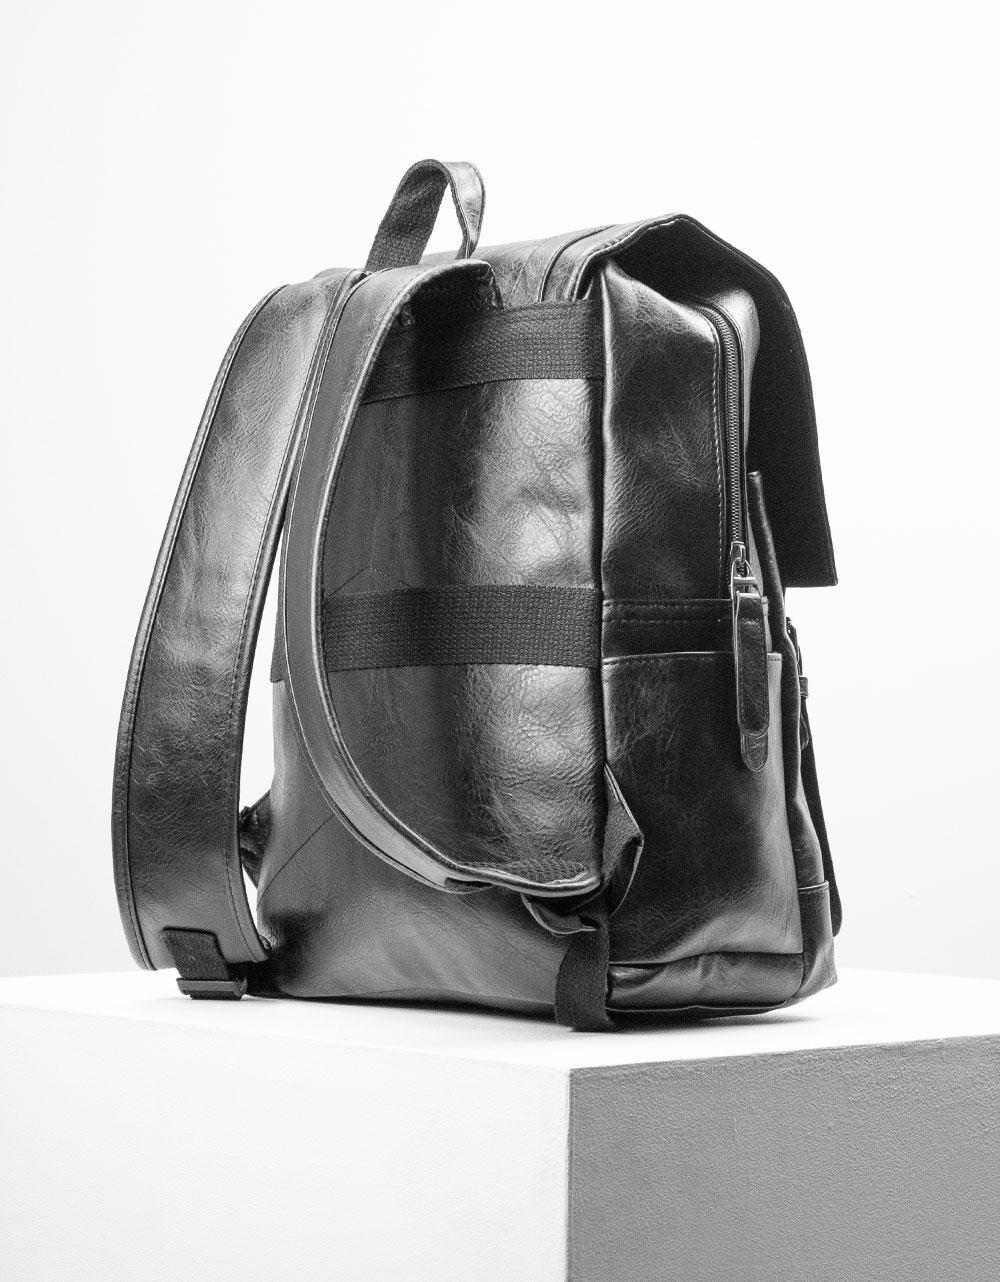 Εικόνα από Ανδρικά σακίδια πλάτης με κάθετα λουριά Μαύρο